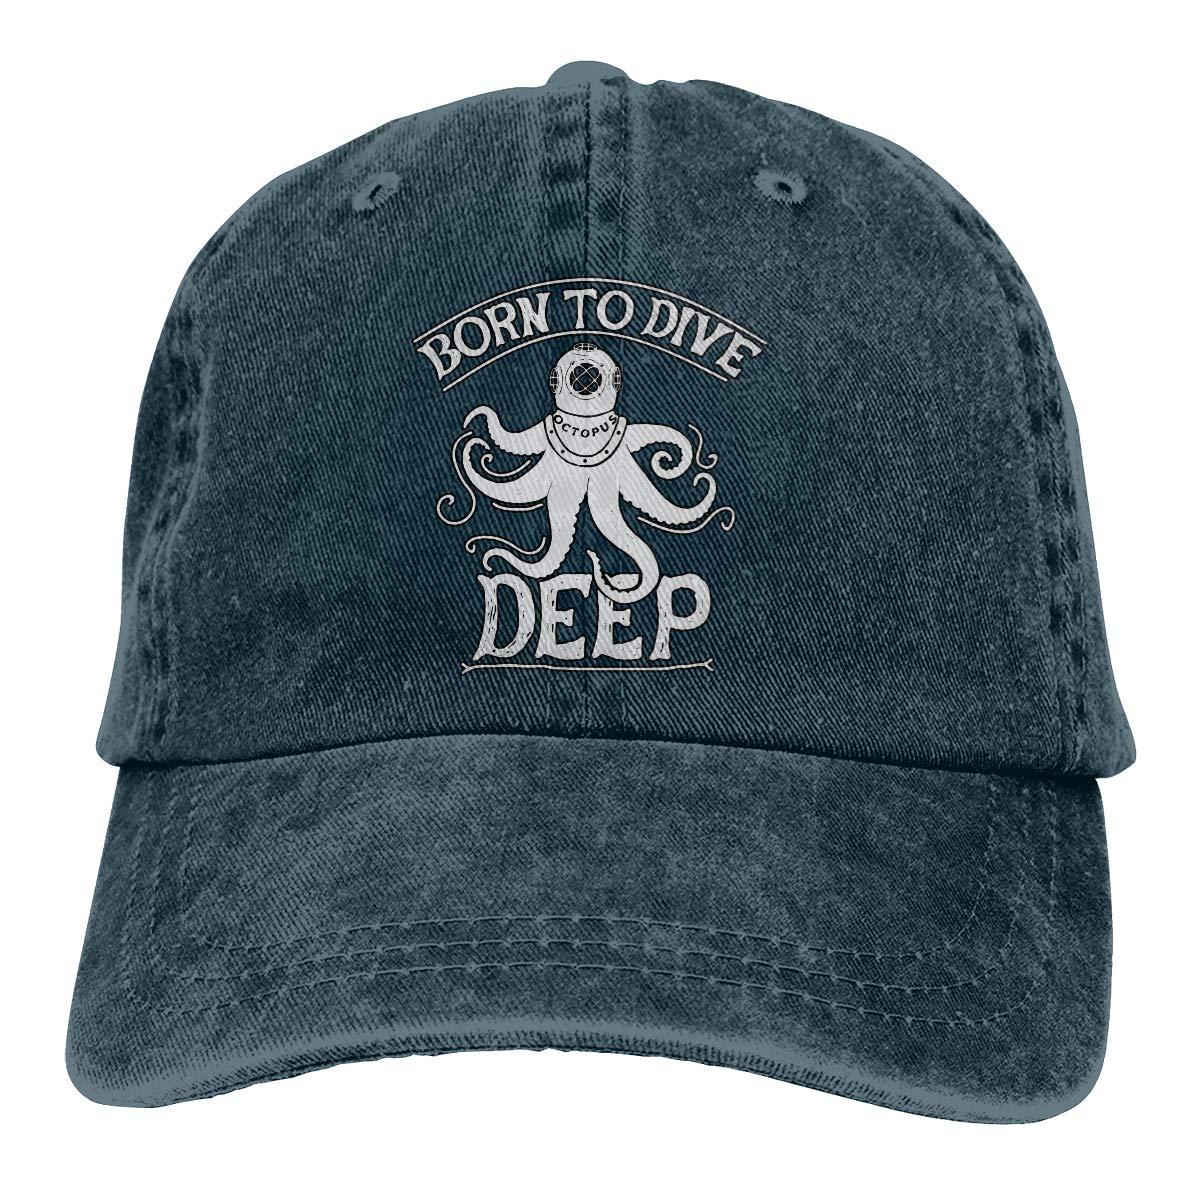 Unisex Vintage Octopus with Diver Helmet Vintage Washed Dad Hat Popular Adjustable Baseball Cap